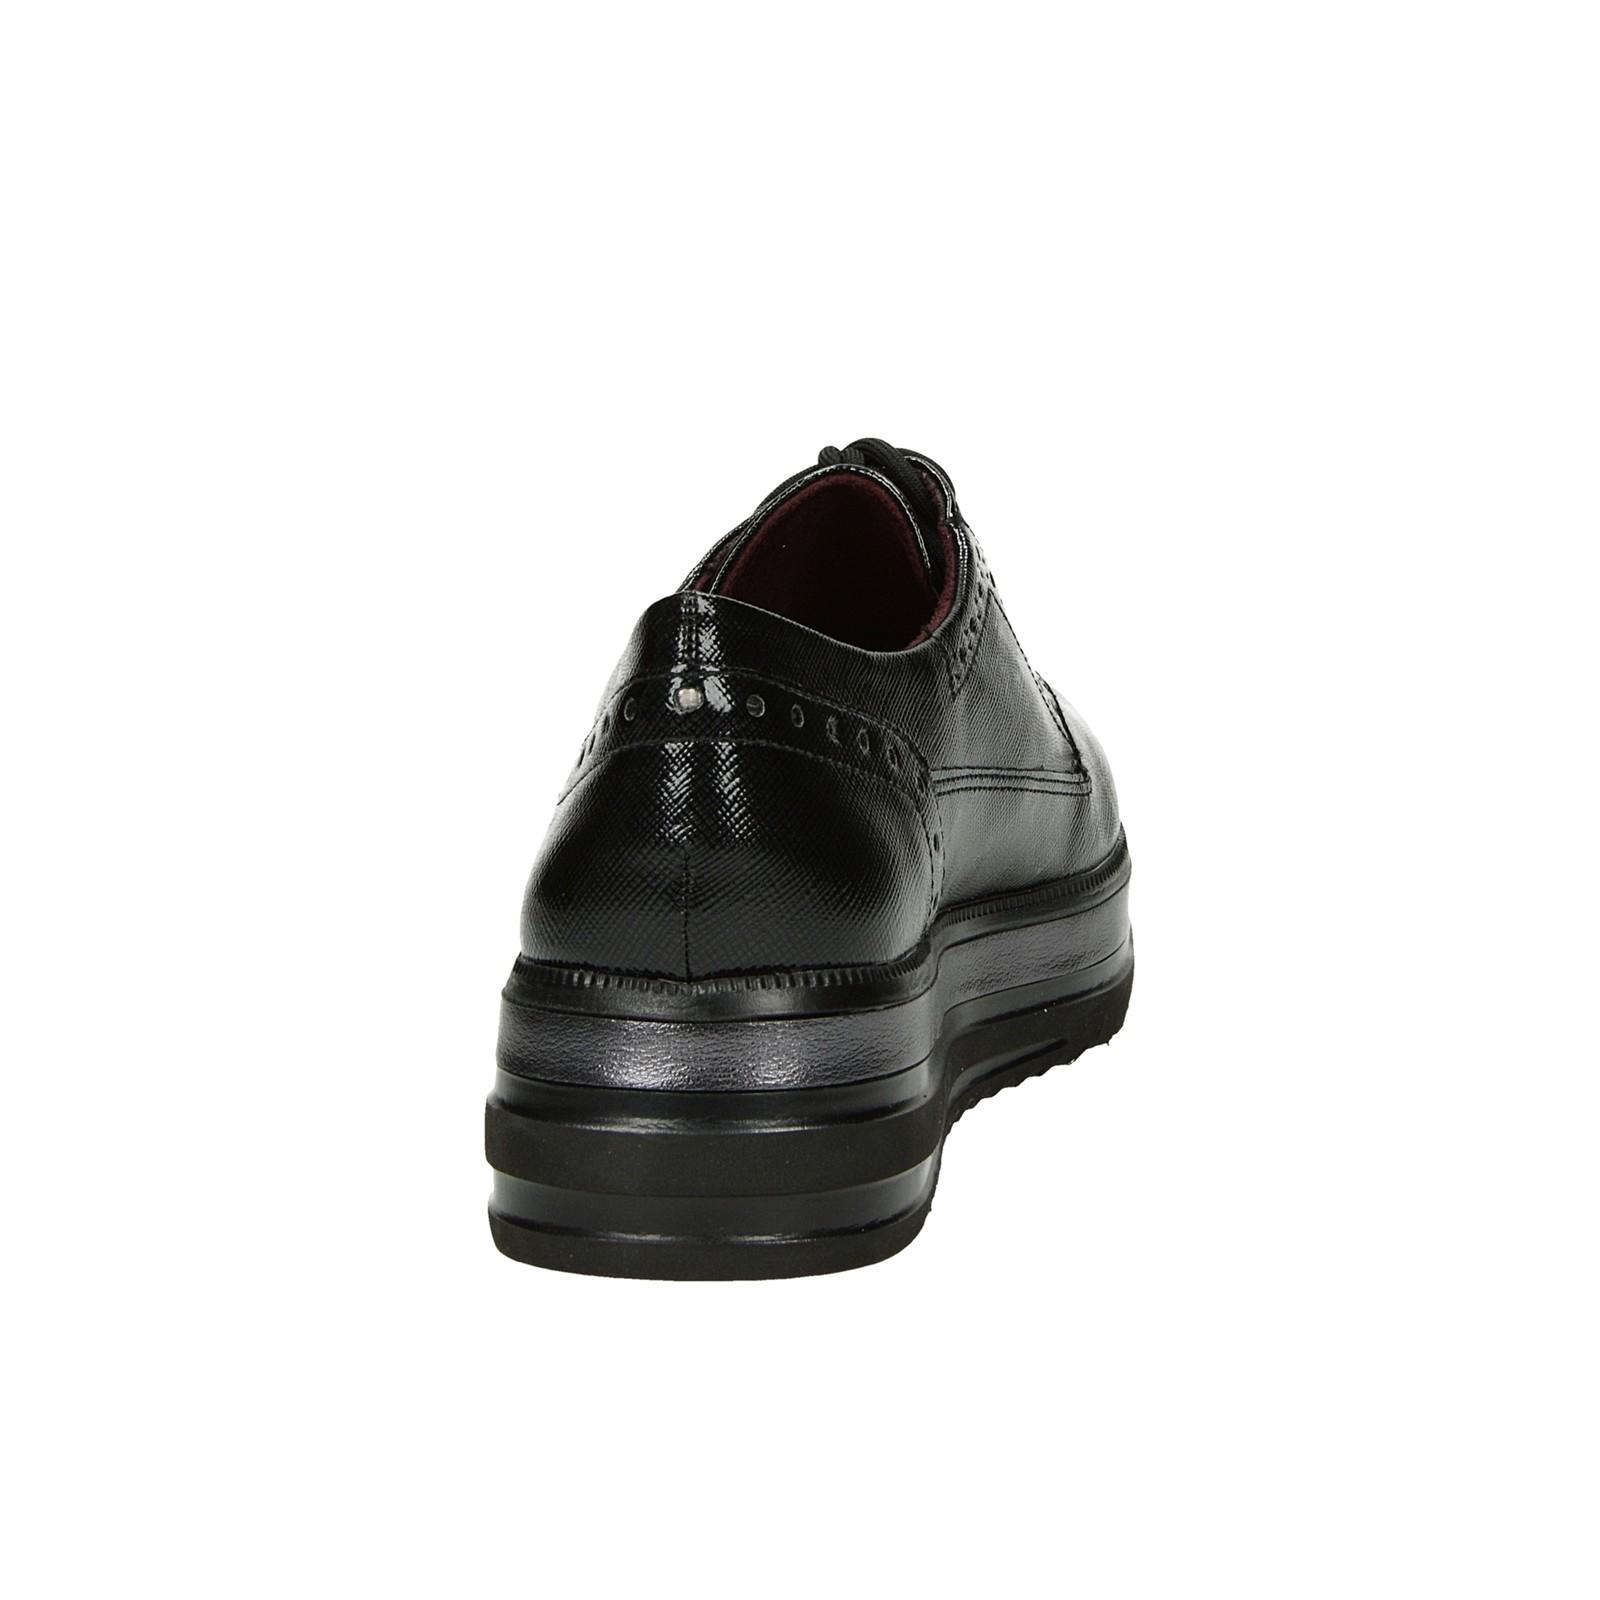 Tamaris dámske pohodlné poltopánky - čierne